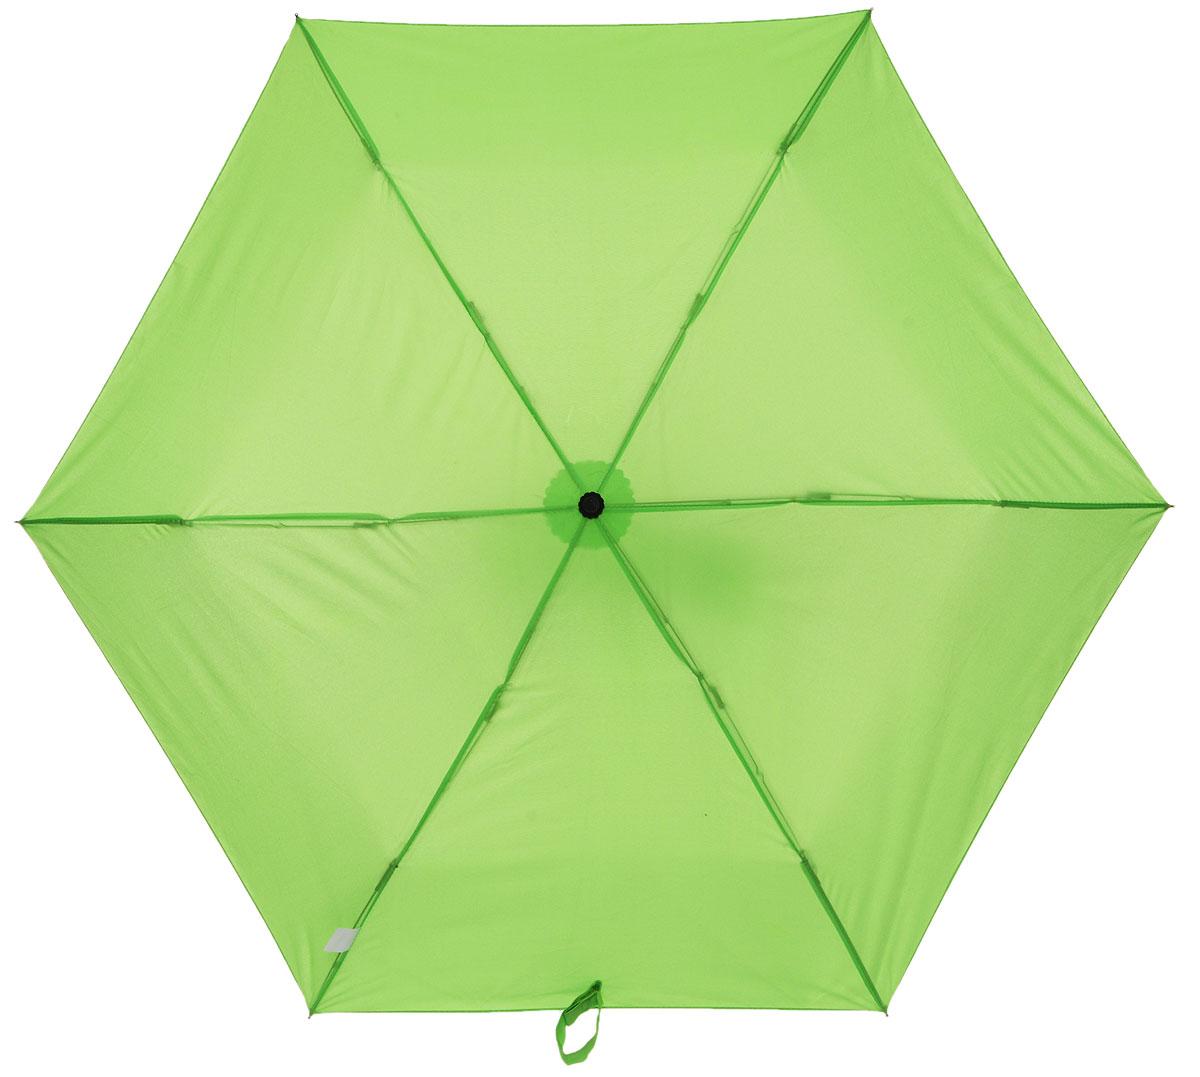 Зонт детский Эврика Перец, механика, 2 сложения, цвет: зеленый. 96886REM12-CAM-GREENBLACKОригинальный и яркий детский зонт Эврика станет замечательным подарком для вашего ребенка.Изделие имеет механический способ сложения: и купол, и стержень открываются и закрываются вручную до характерного щелчка. Зонт состоит из шести спиц и стержня, изготовленных из металла. Яркий купол выполнен из качественного нейлона, который не пропускает воду. Зонт дополнен чехлом из пластика, имитирующим перец. Ручка выполнена в виде черенка перца.Компактный пластиковый чехол предохраняет зонт от повреждений.Оригинальный дизайн зонта поднимет настроение не только вам, но и окружающим.